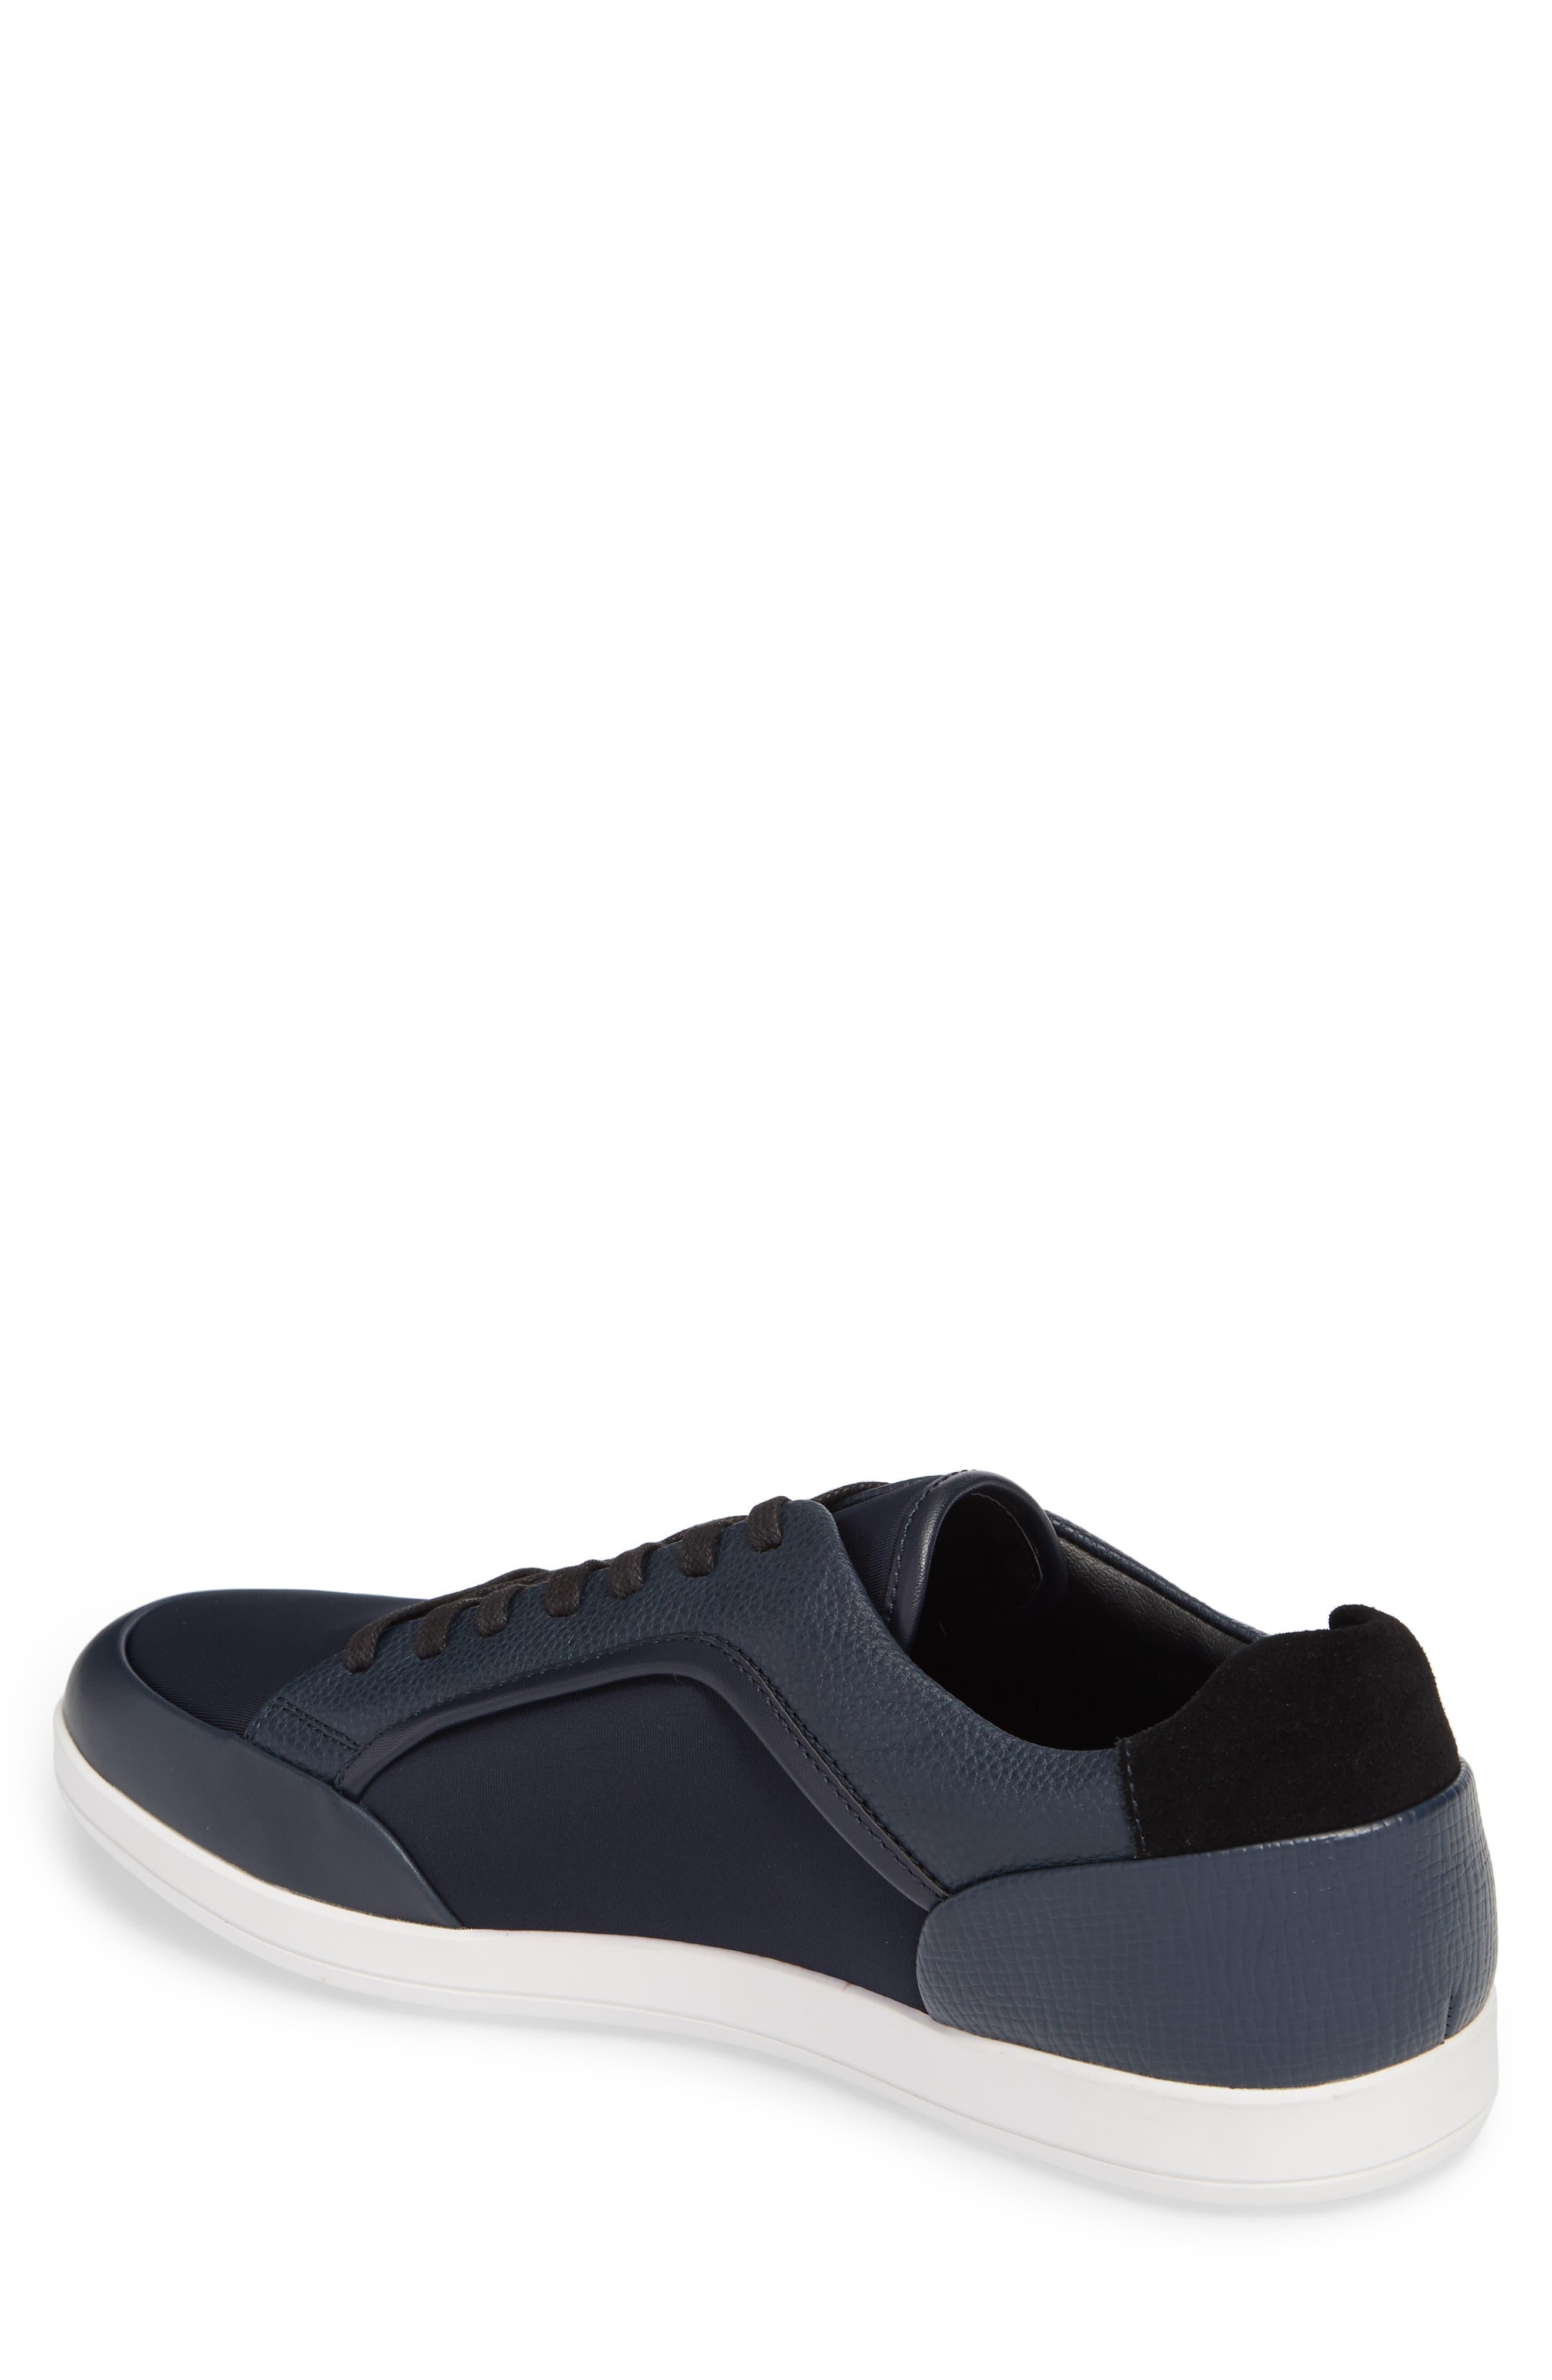 Masen Sneaker,                             Alternate thumbnail 2, color,                             Dark Navy Lyrcra